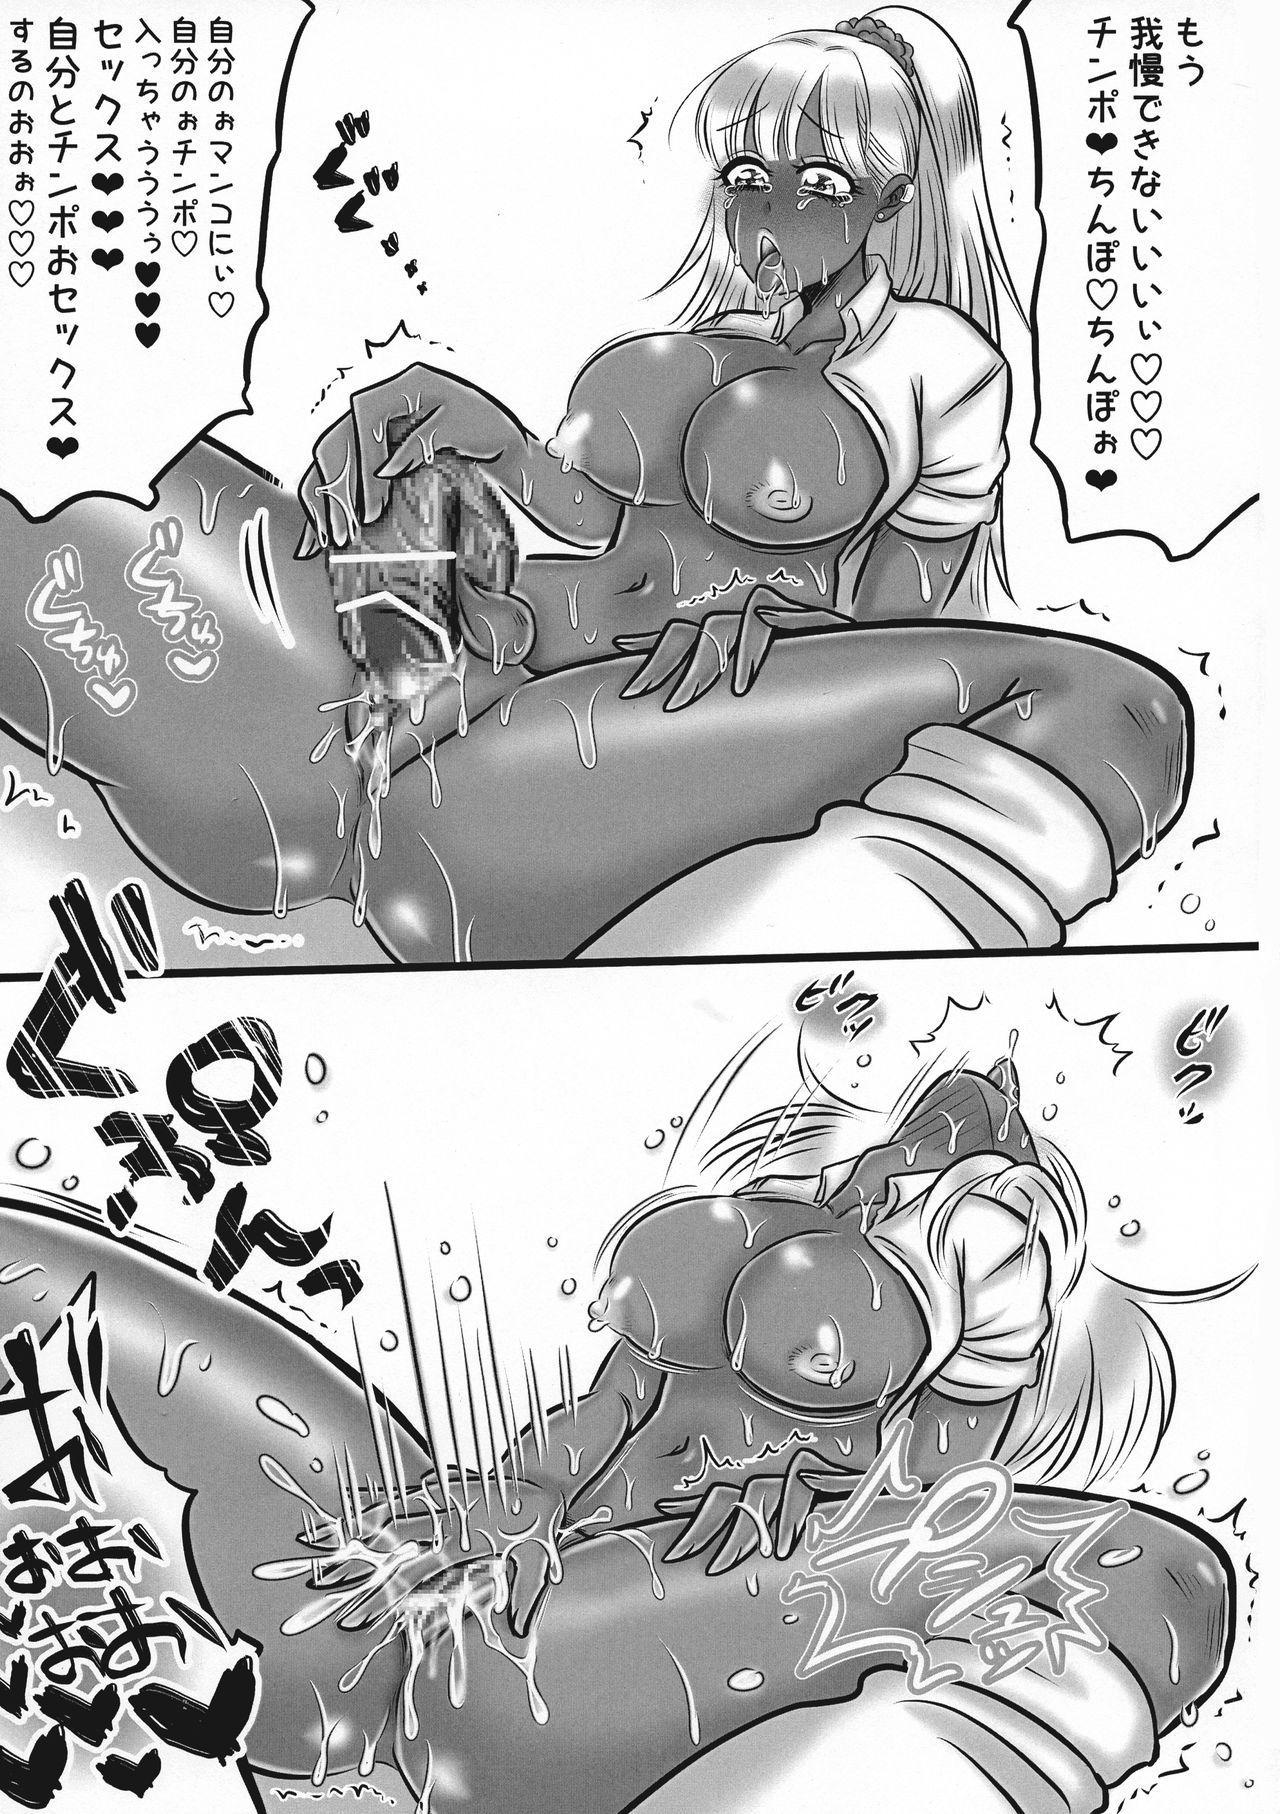 Futanari Gyaru ga Jiko Ninshin Suru Manga! 29